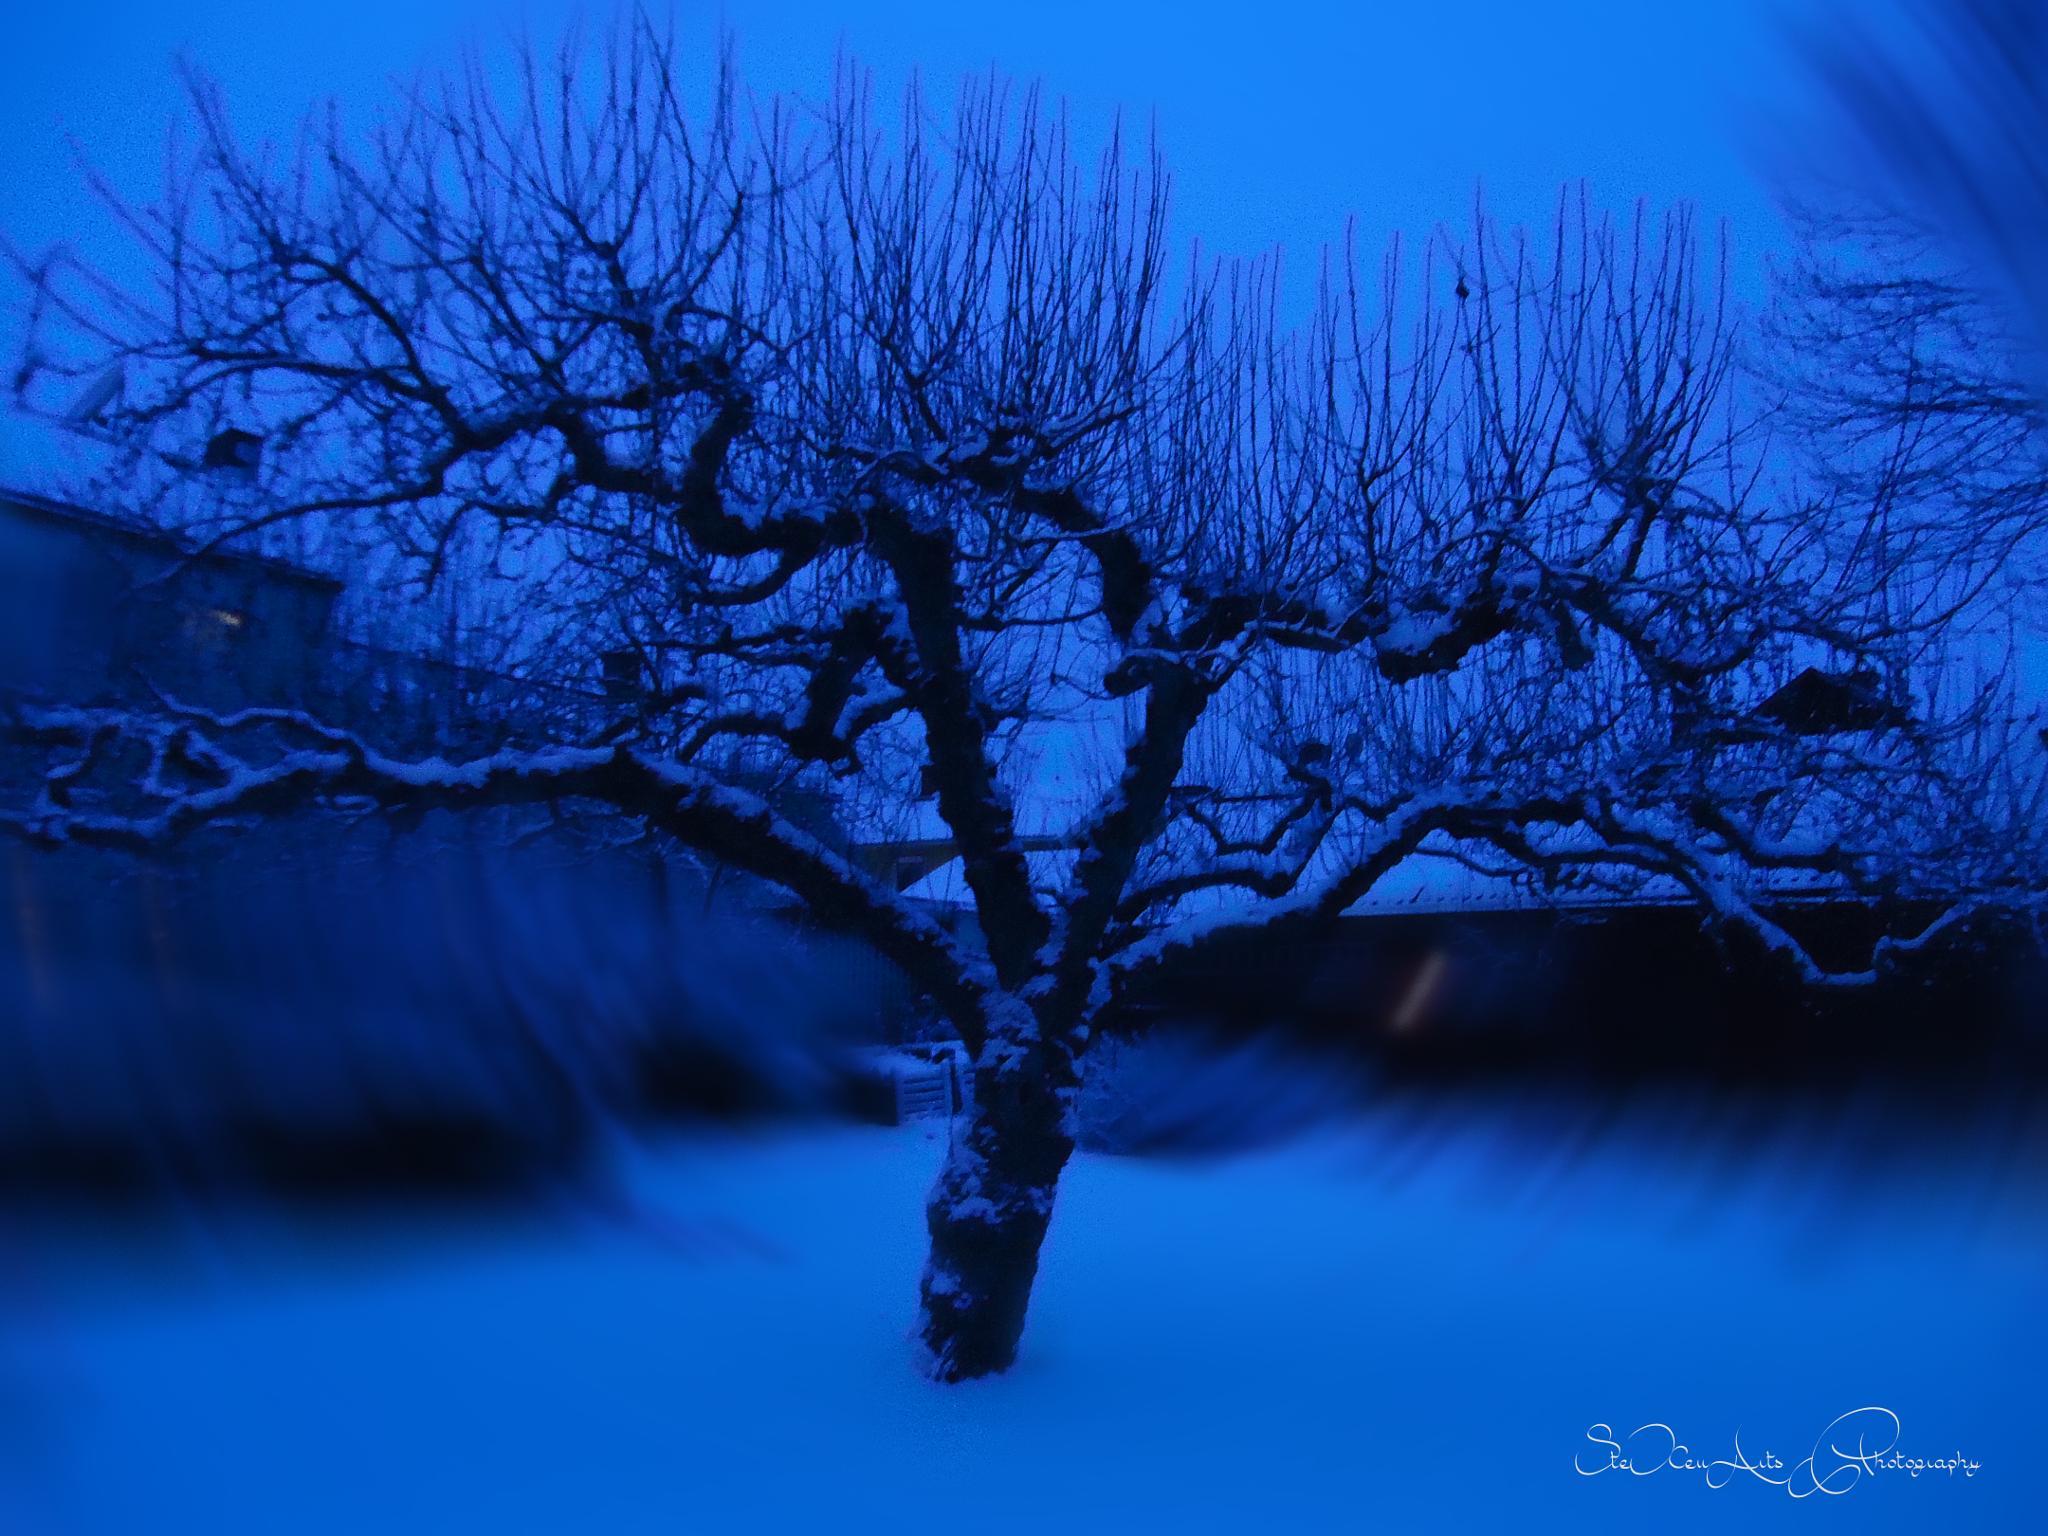 tree whirl by Sanna & Stefan